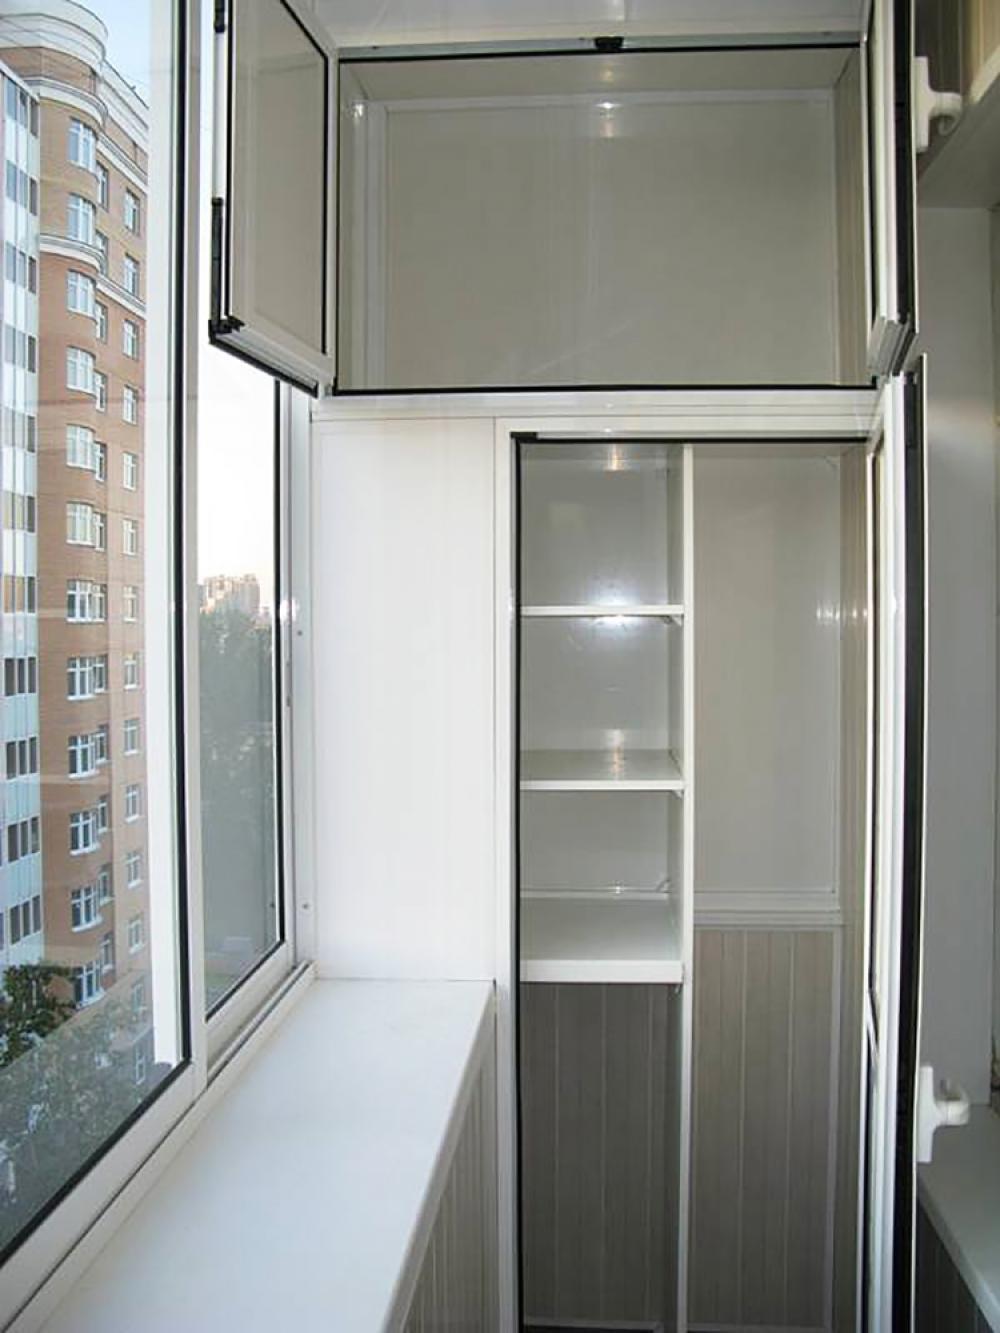 Встроенный шкаф на балкон (46 фото): как собрать встраиваему.